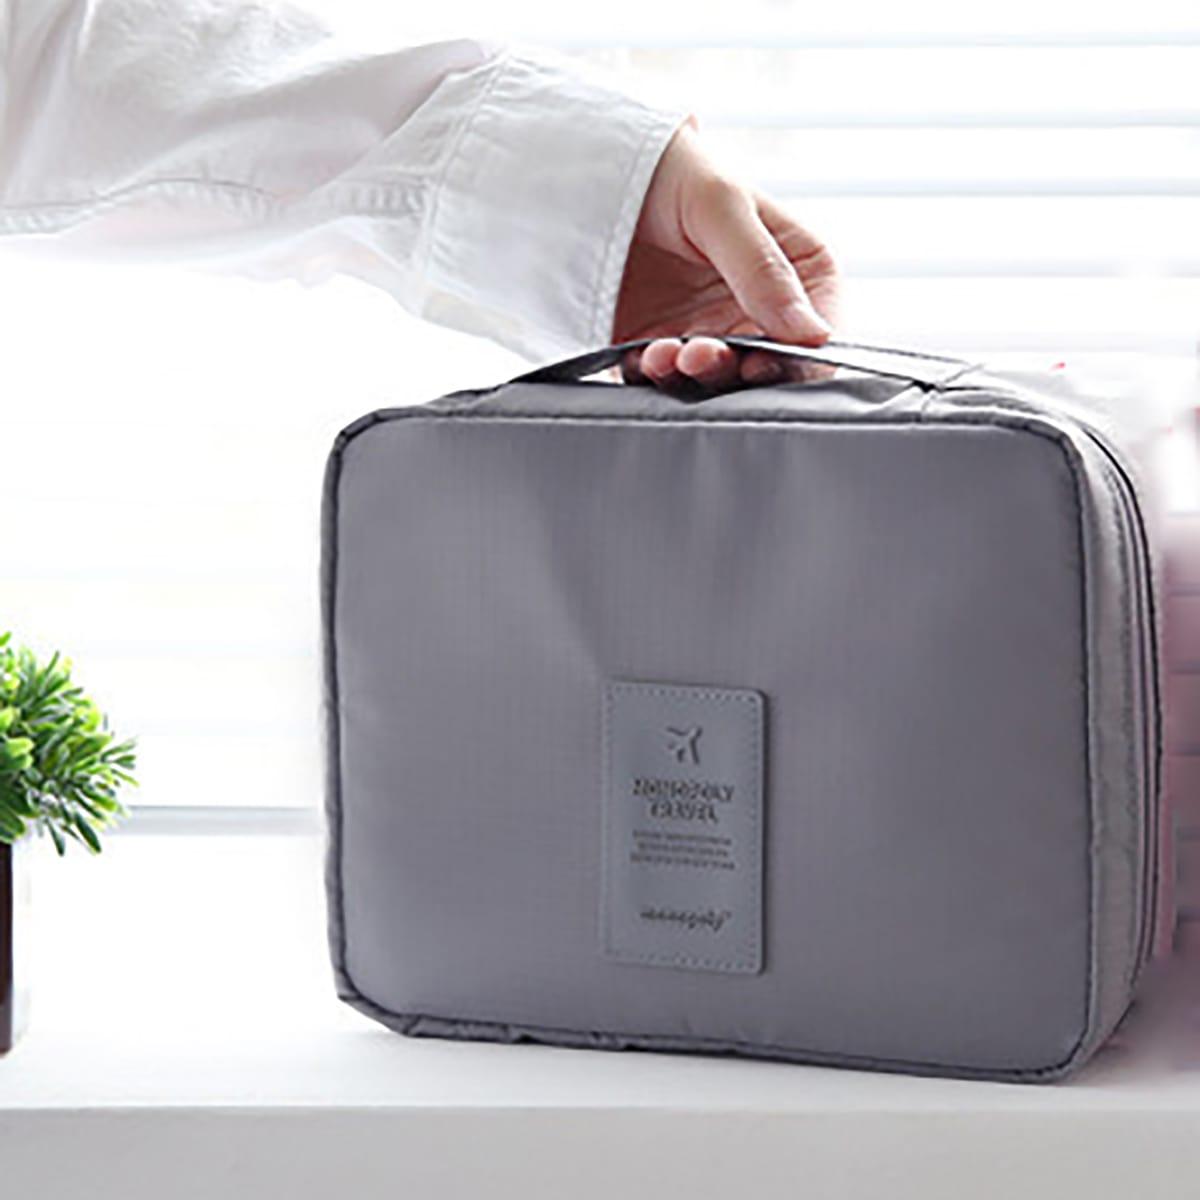 1шт портативная дорожная сумка для хранения